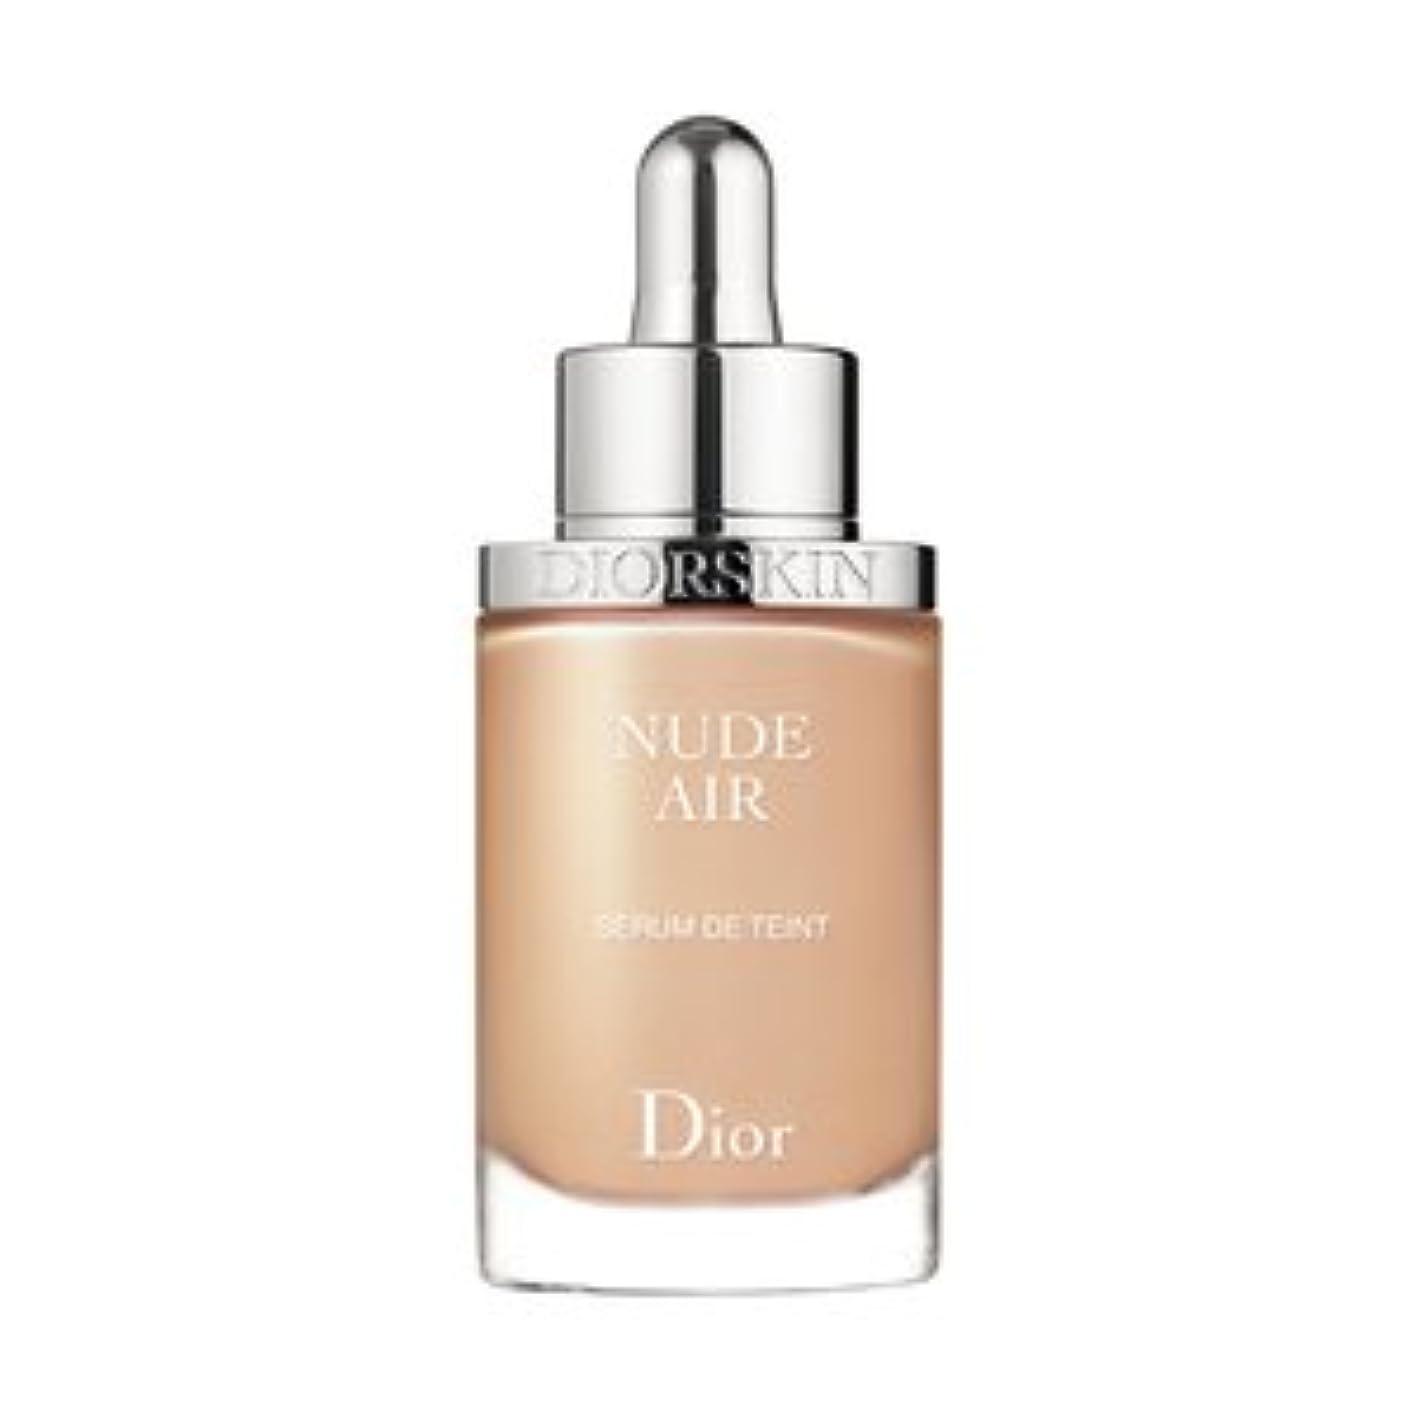 鋸歯状アーカイブ早熟Dior ディオールスキン ヌード エアー フルイド 30ml #020(ライトベージュ) リキッドファンデーション